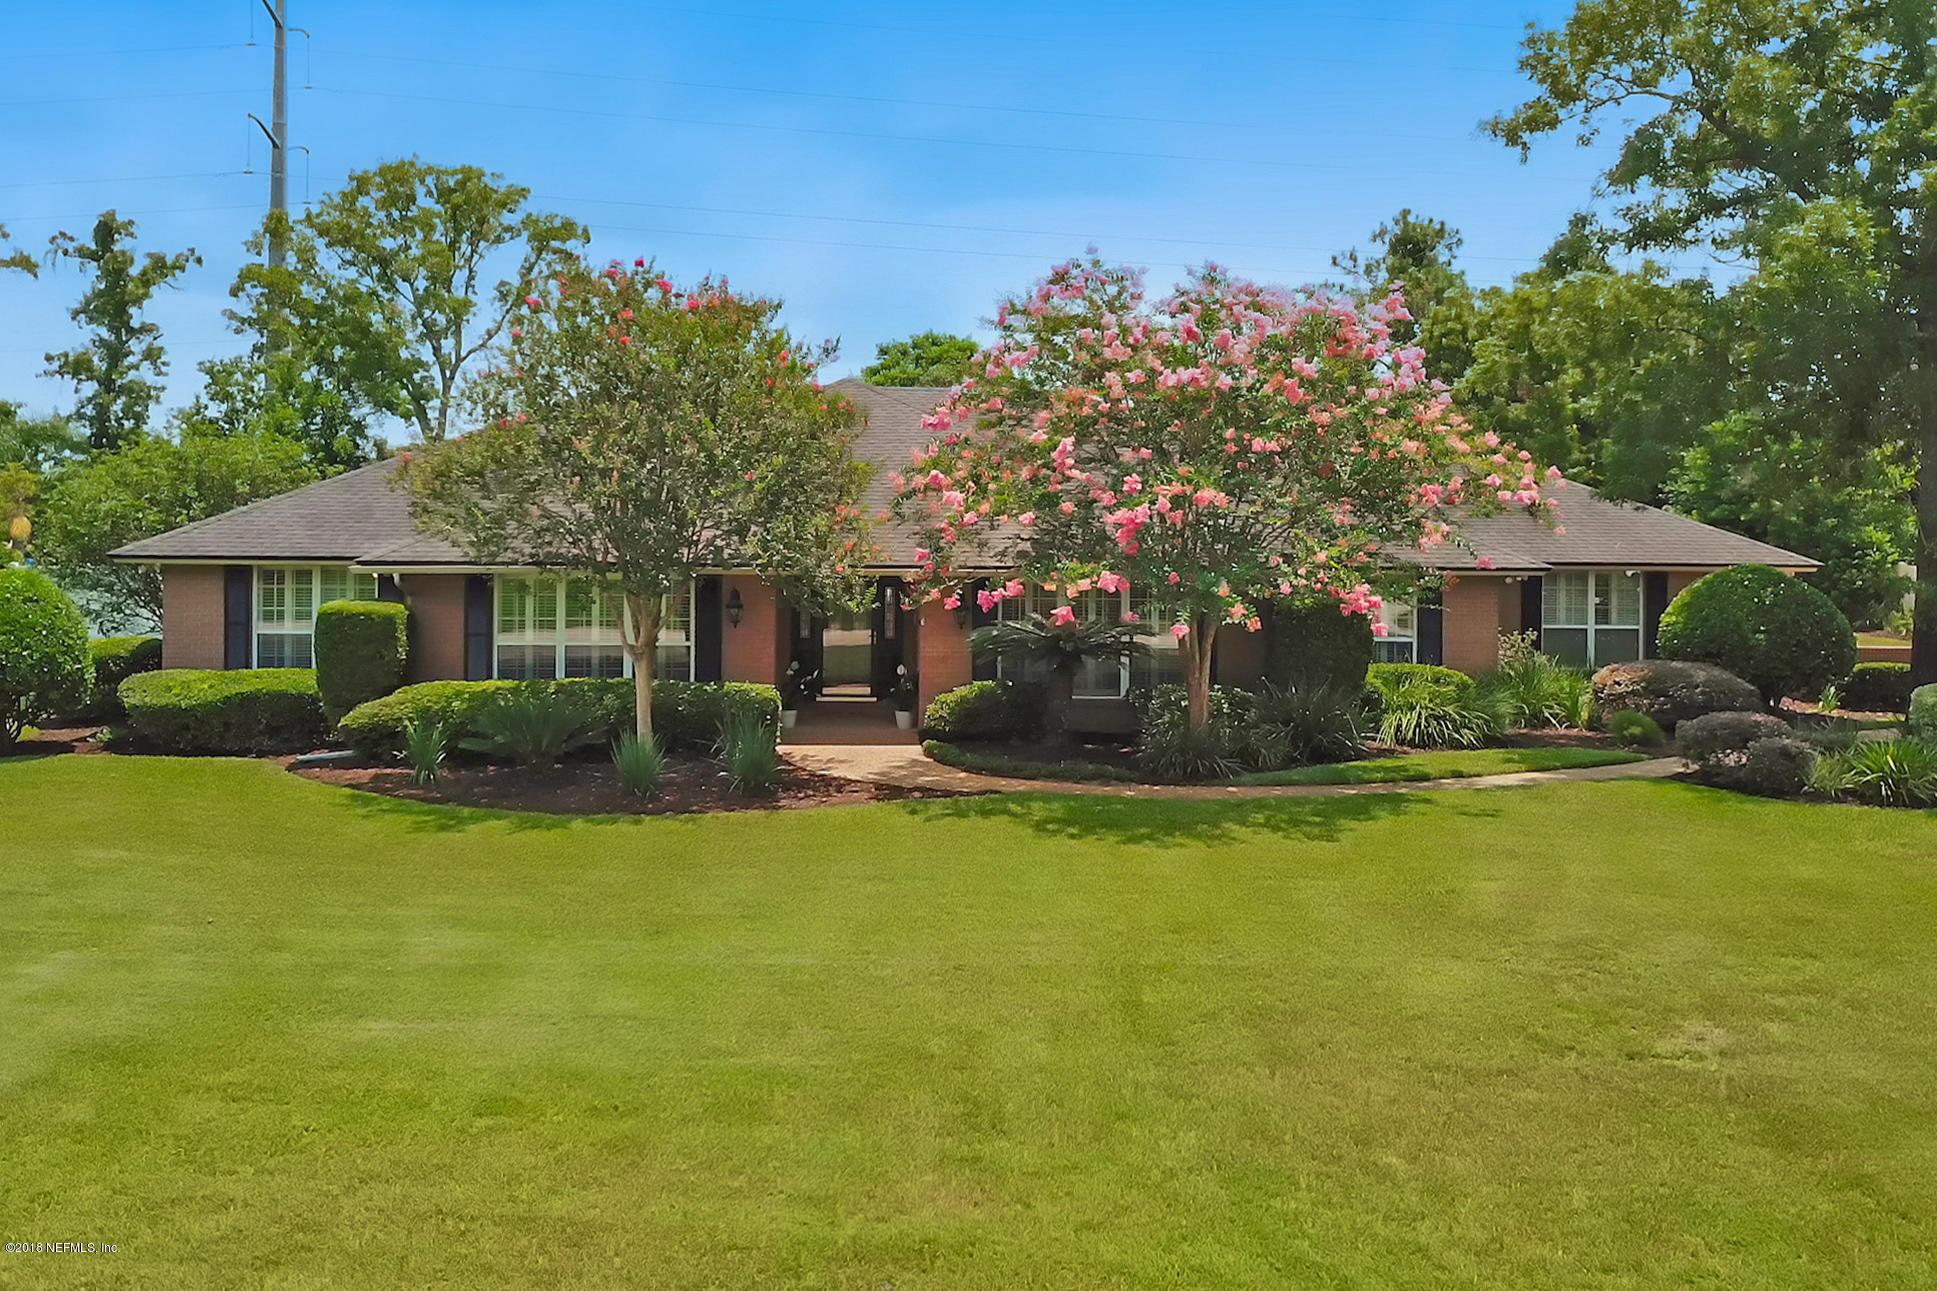 8159 WEKIVA, JACKSONVILLE, FLORIDA 32256, 4 Bedrooms Bedrooms, ,3 BathroomsBathrooms,Residential - single family,For sale,WEKIVA,947257